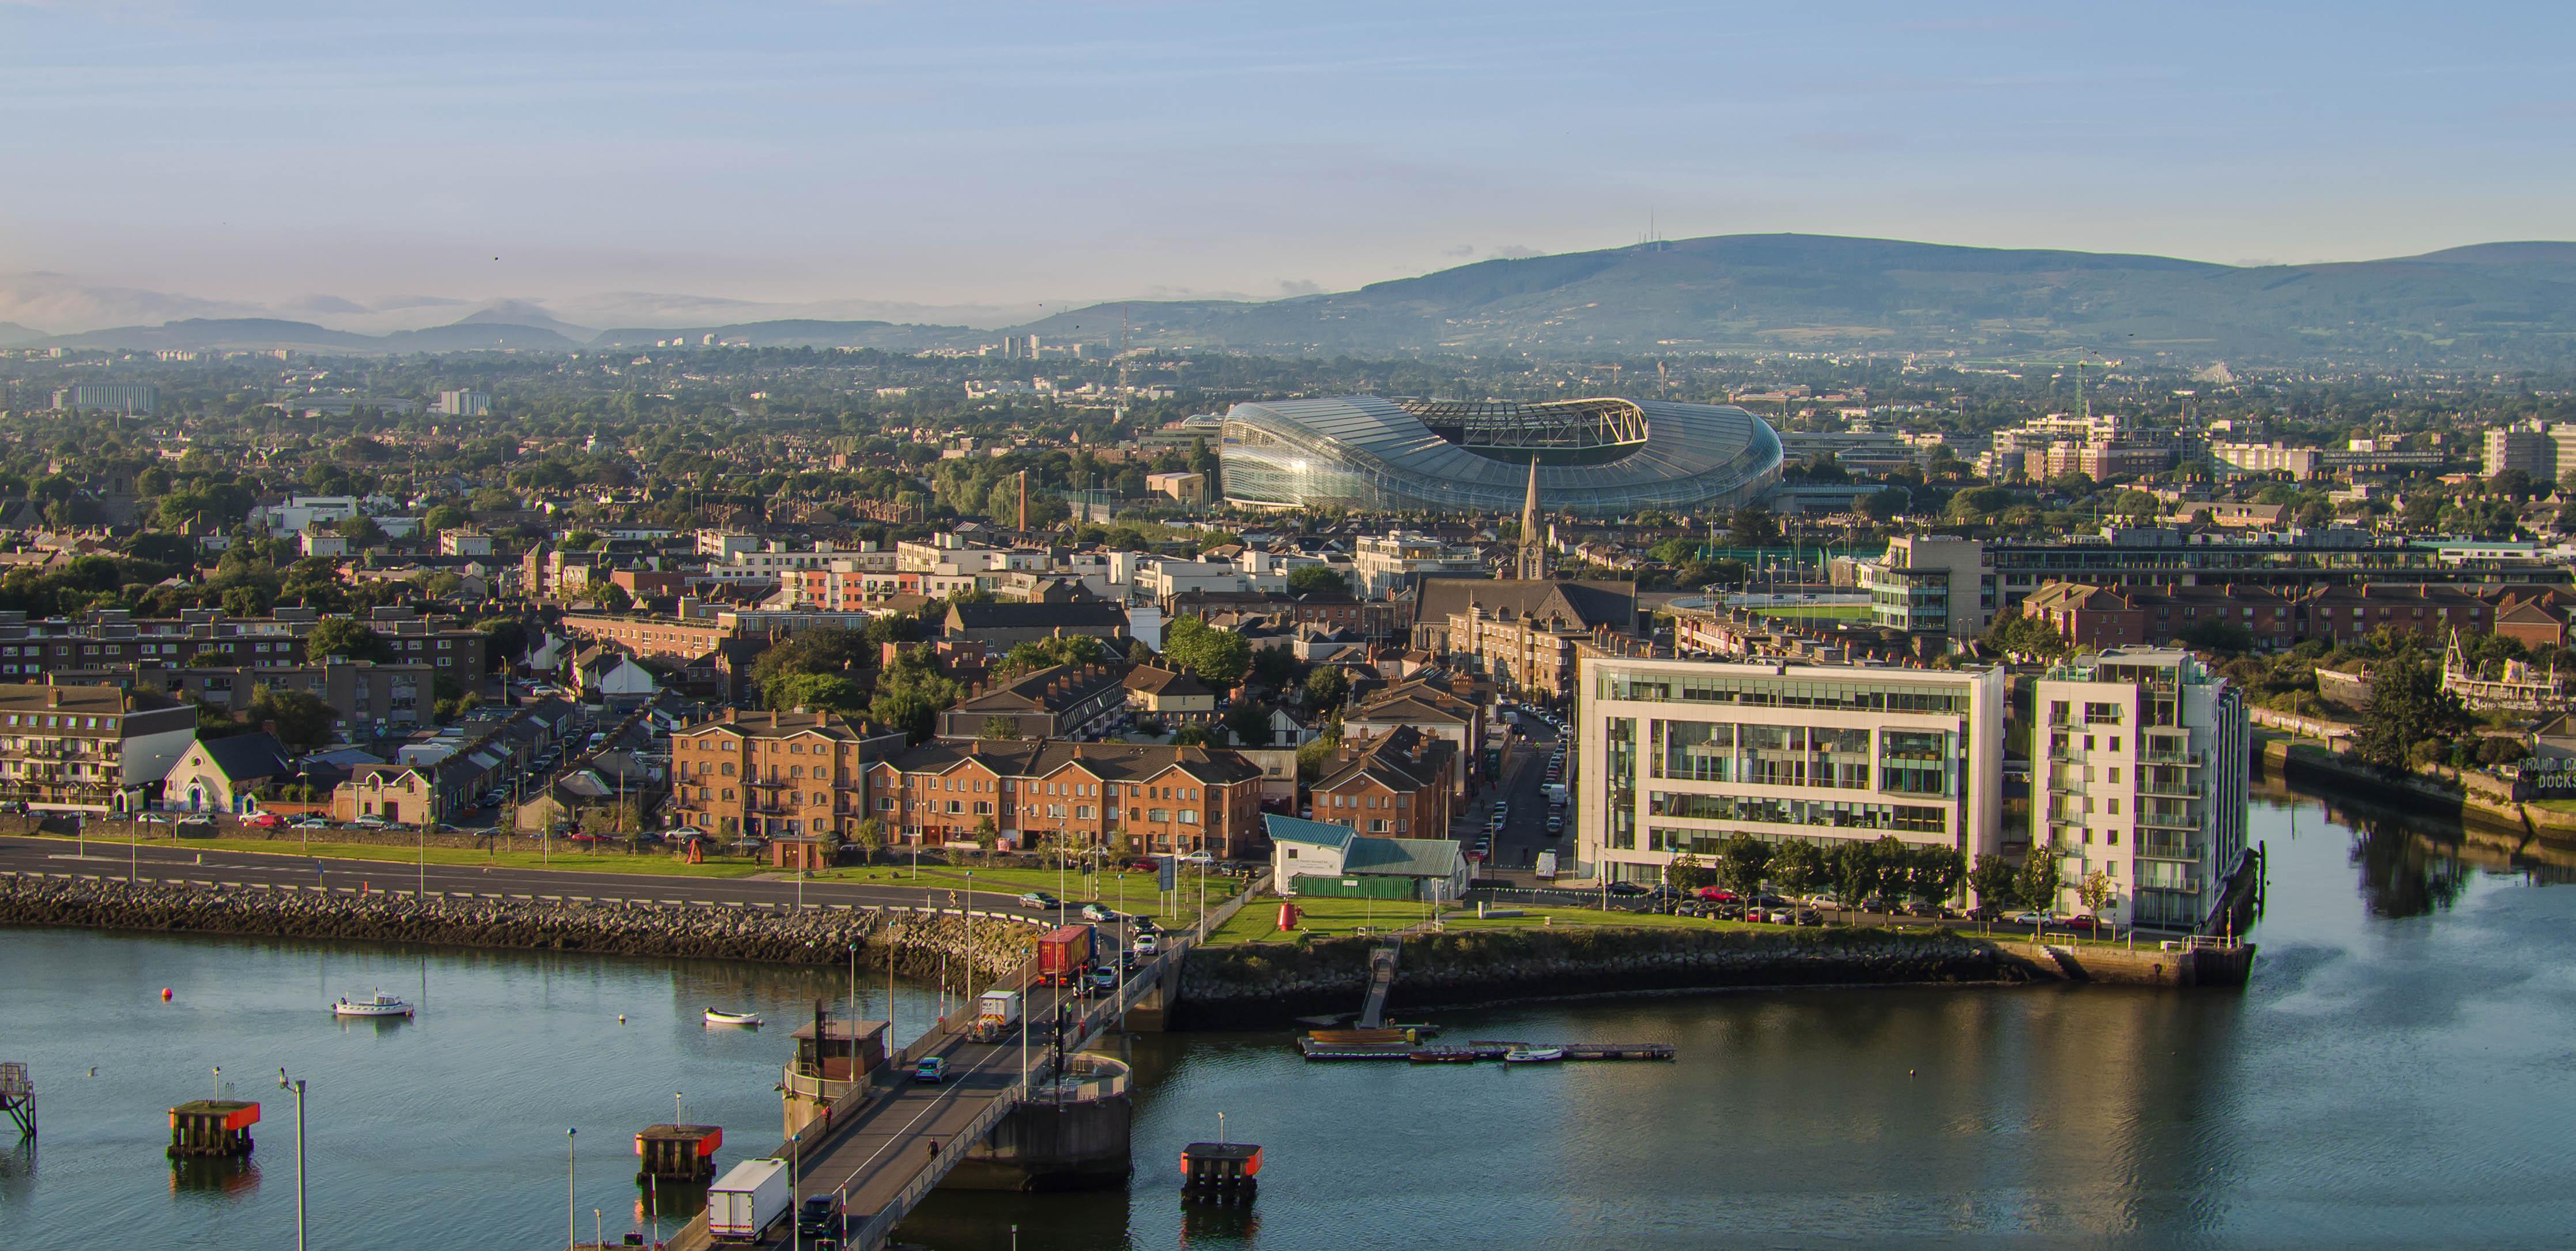 Dublin Link Bridge - Aviva